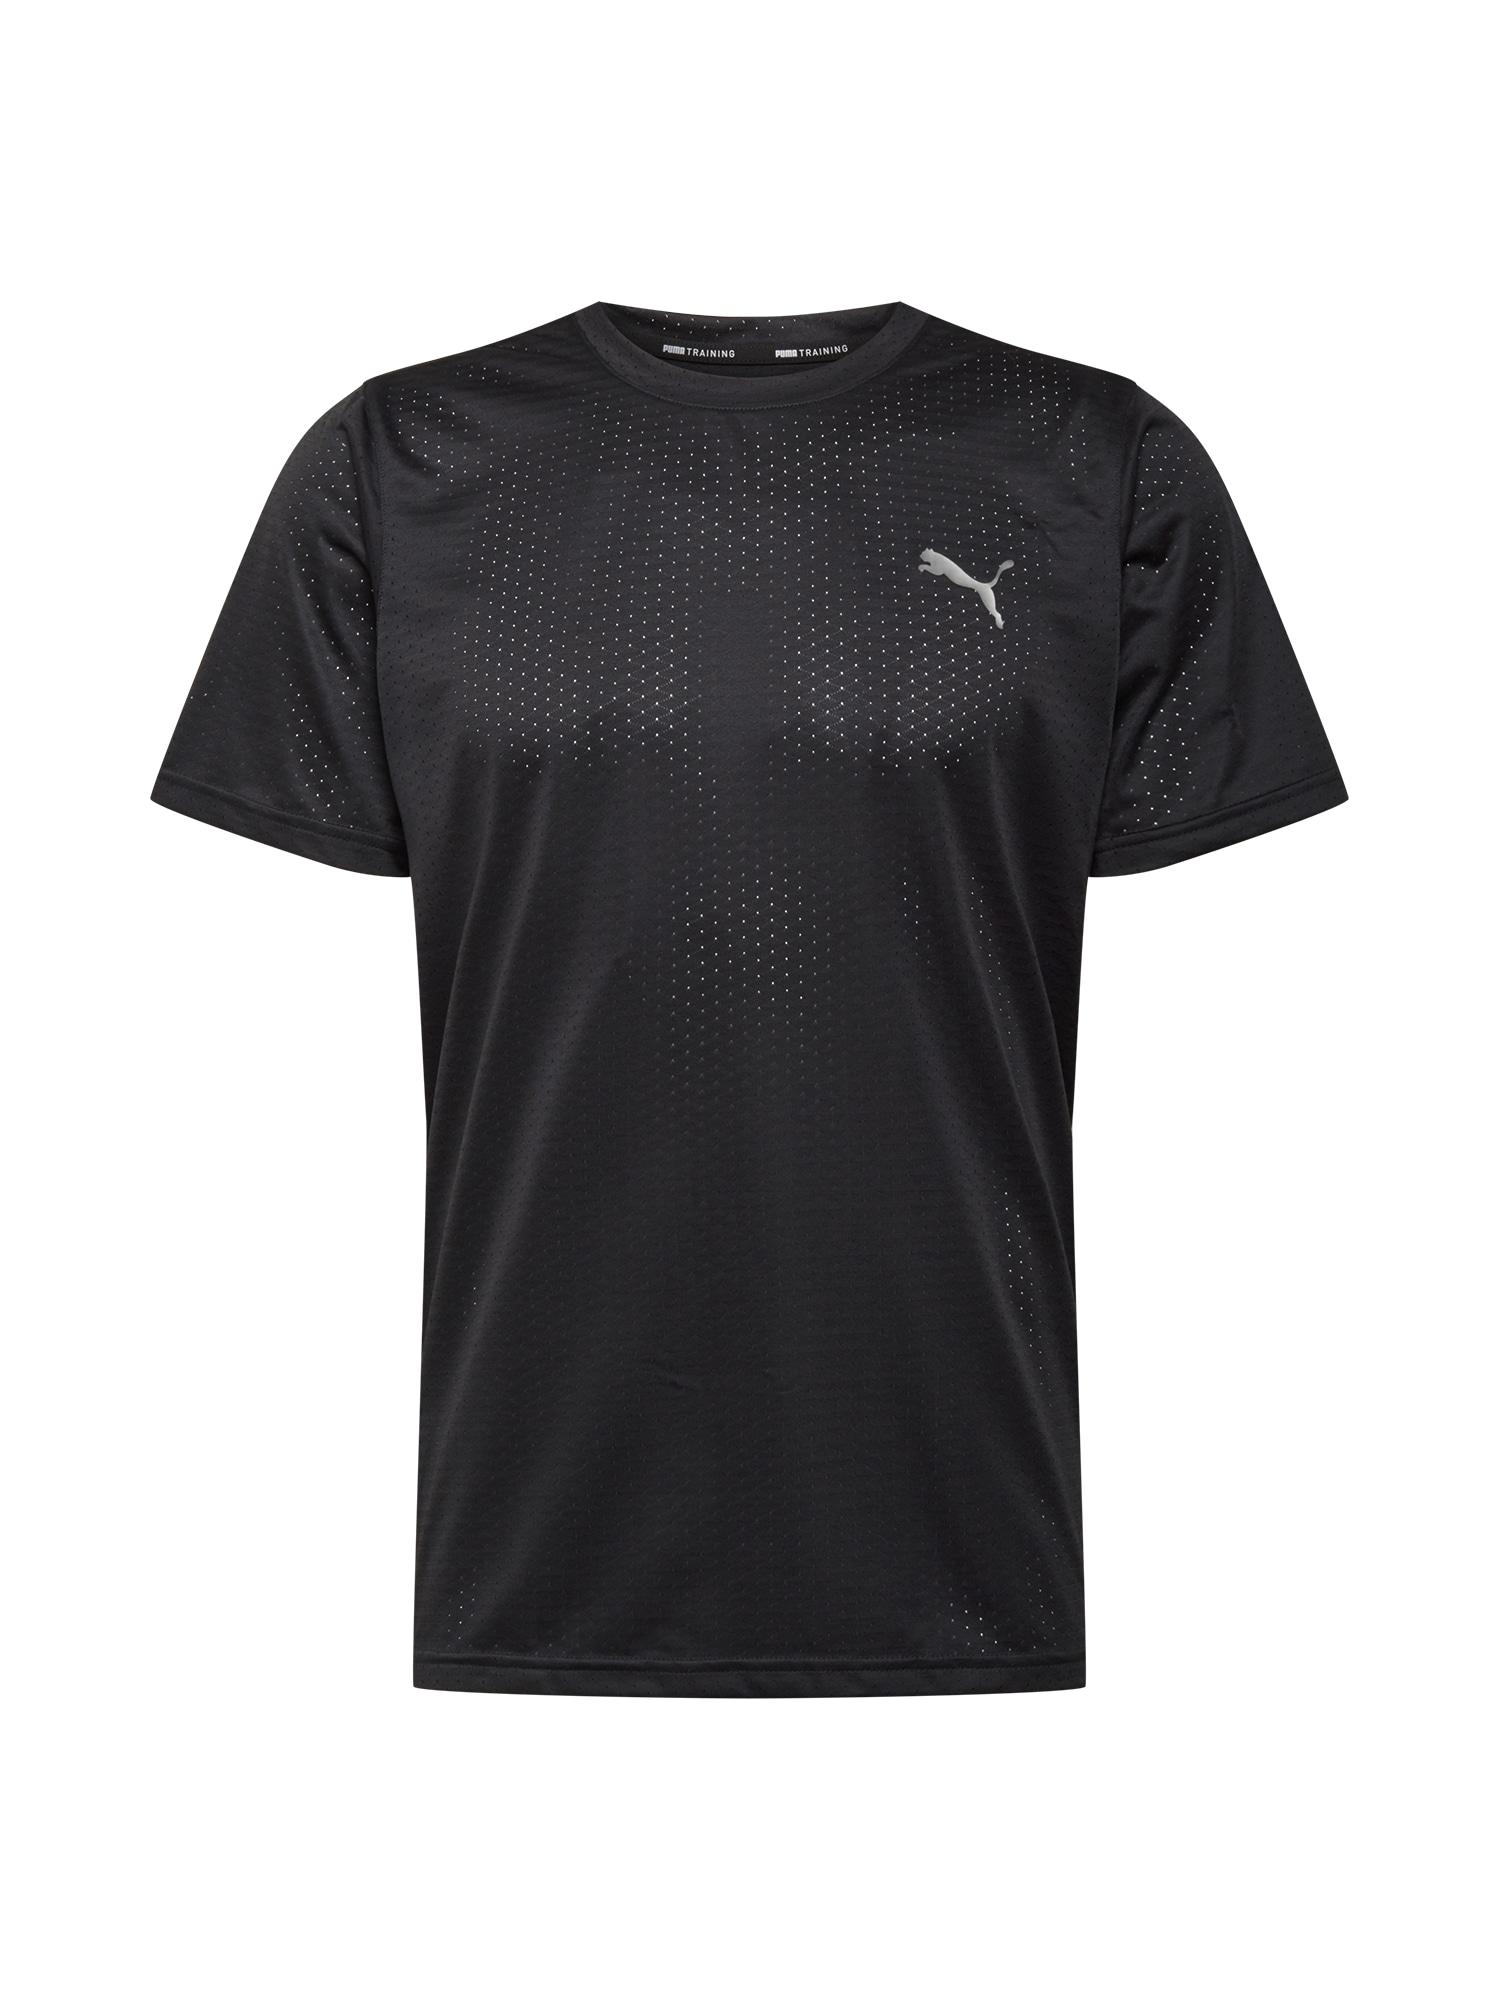 PUMA Maglia funzionale  nero / grigio chiaro male shop the look